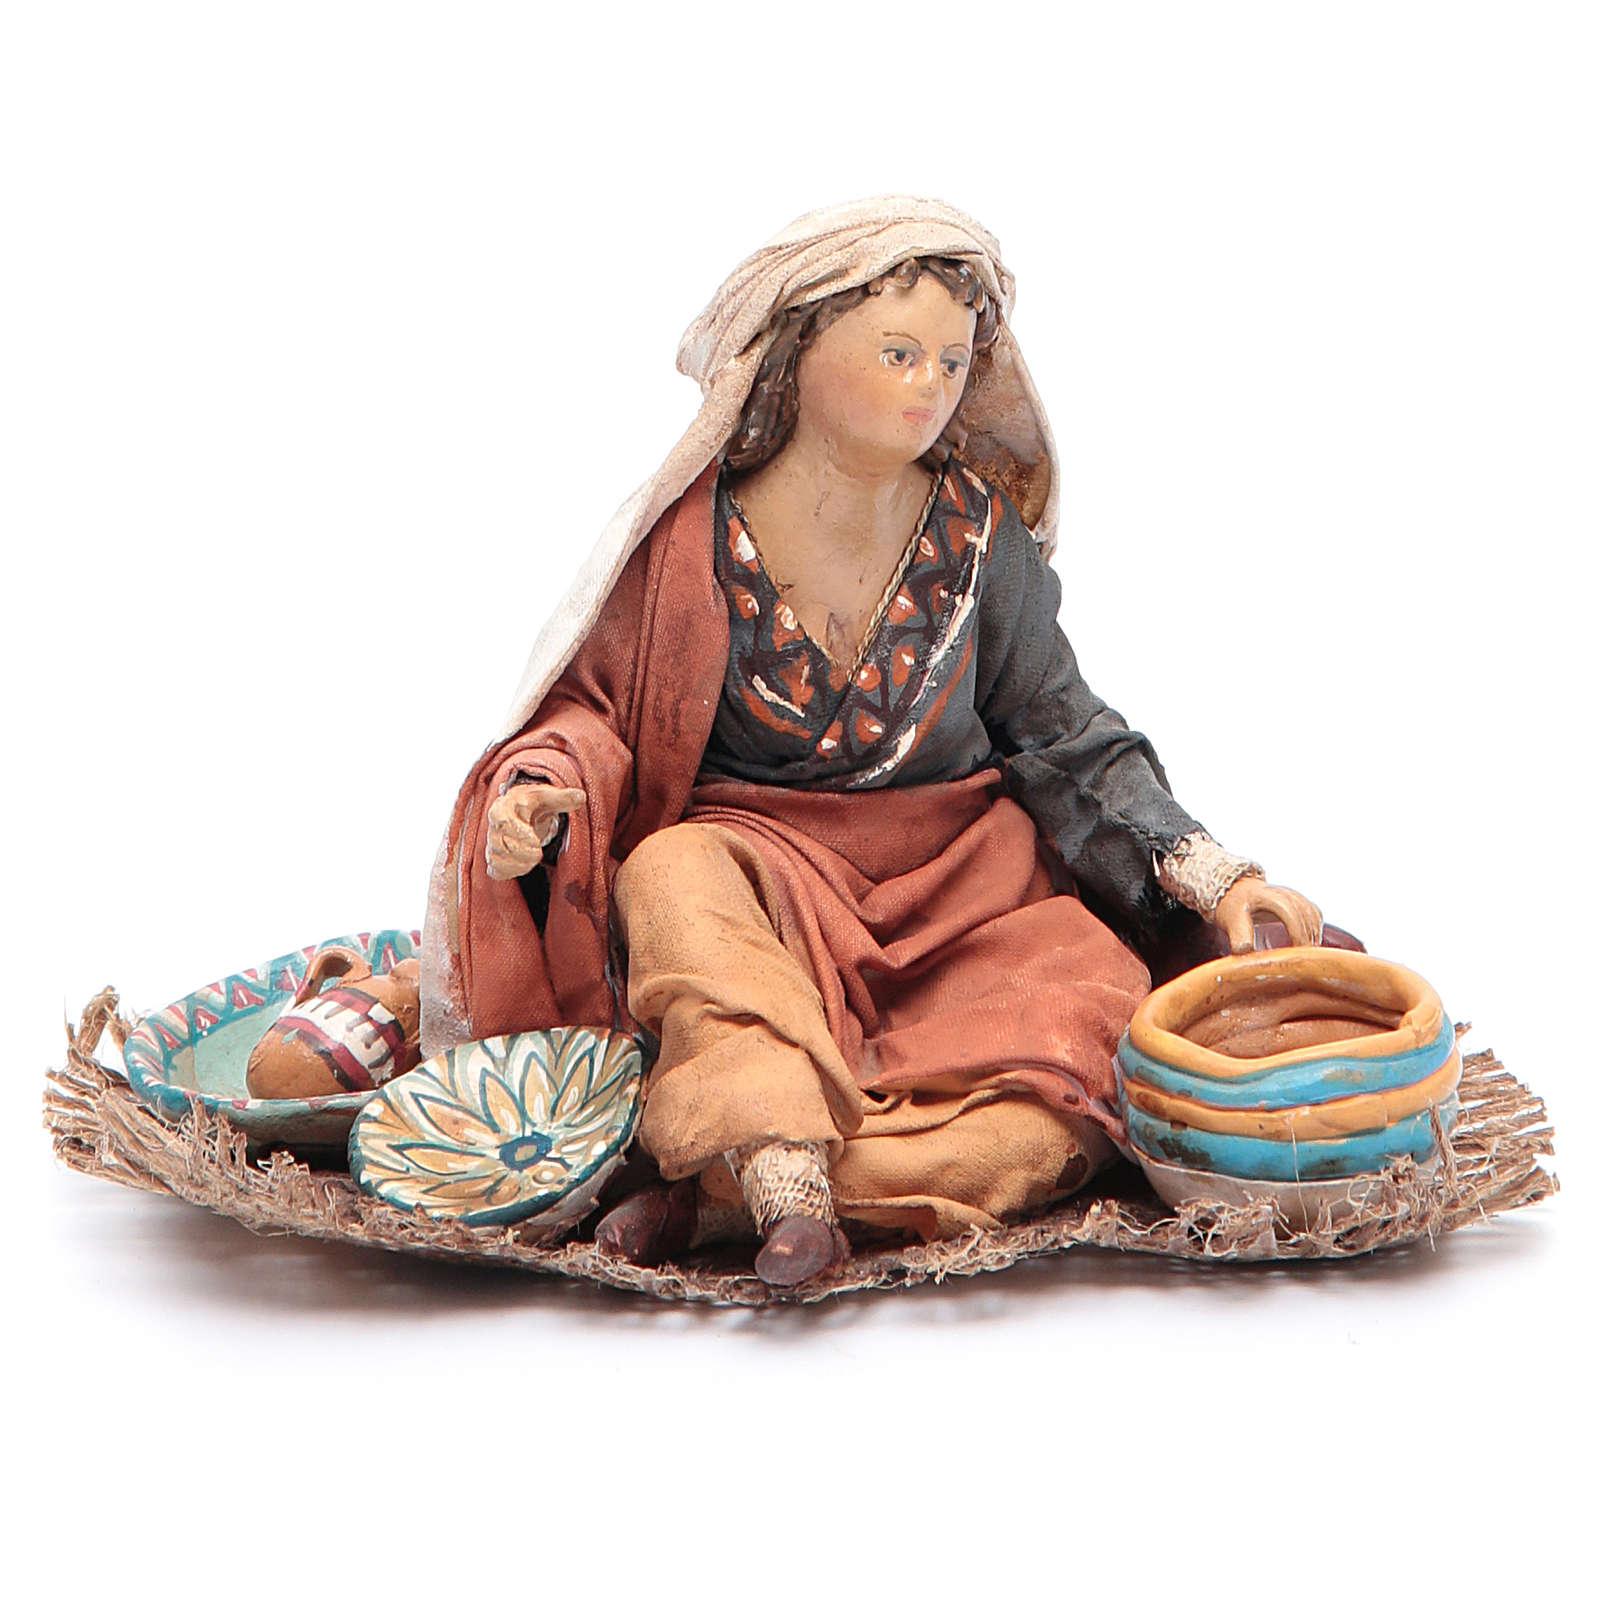 Donna seduta con ceramica 13 cm Angela Tripi 4